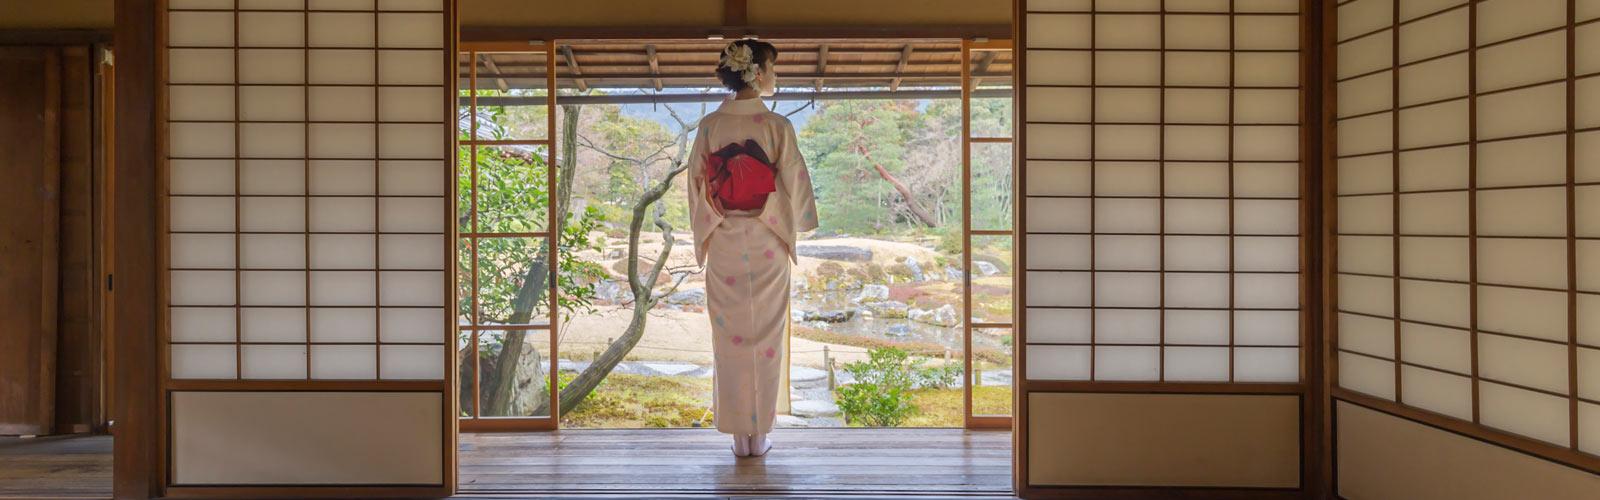 Viaje a Japón. Fotográfico. 8 Ago.